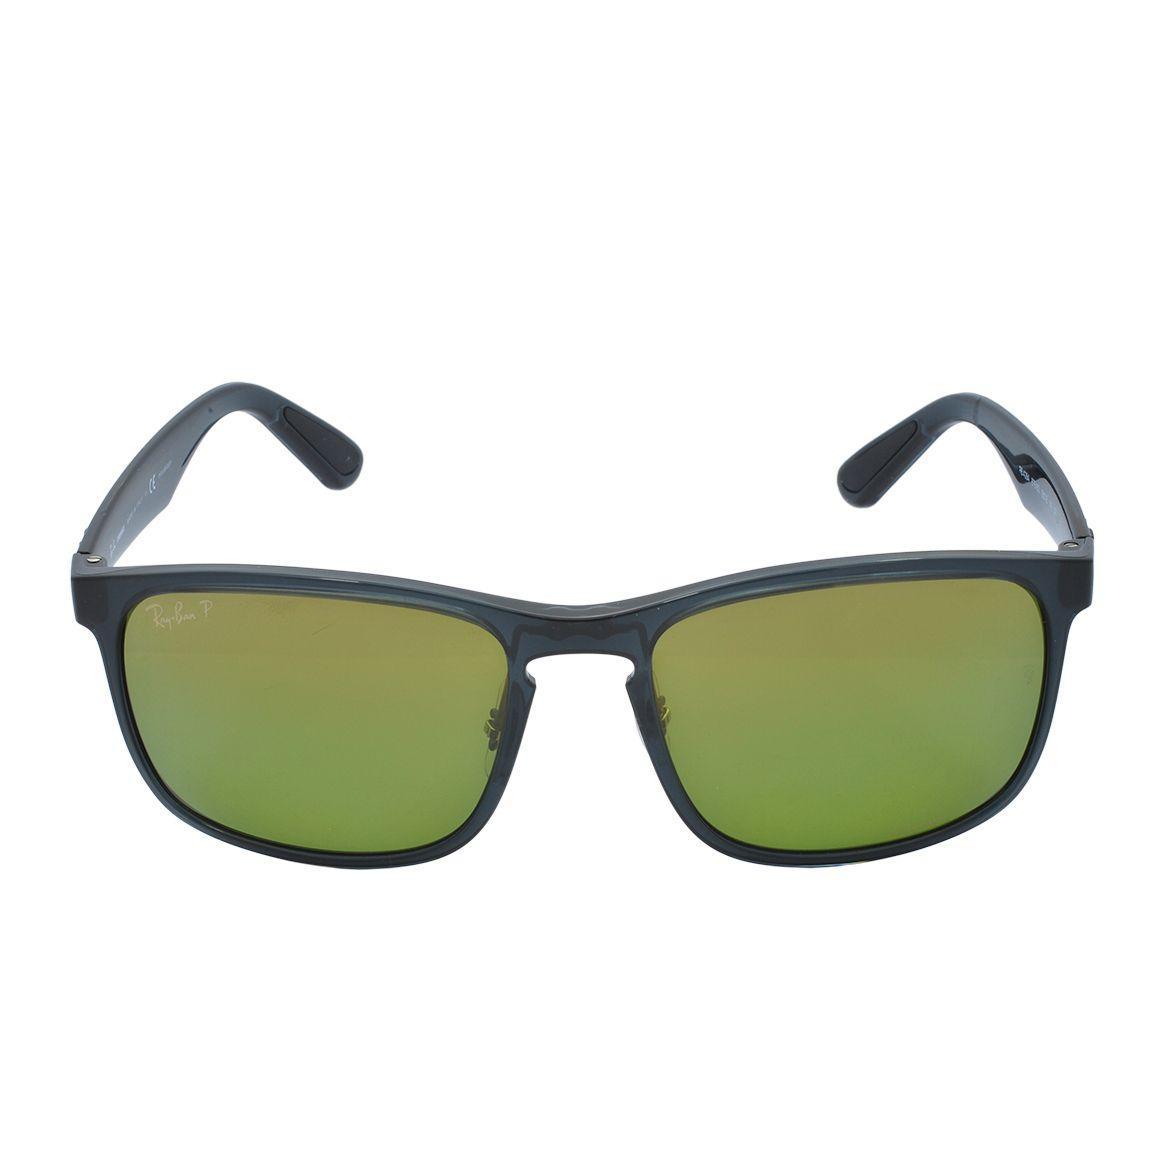 77d9edaf2 Óculos de Sol Ray Ban Unissex Chromance Polarizado RB4264 876/6O - Acetato  Preto e Lente Espelhada A R$ 691,00 à vista. Adicionar à sacola